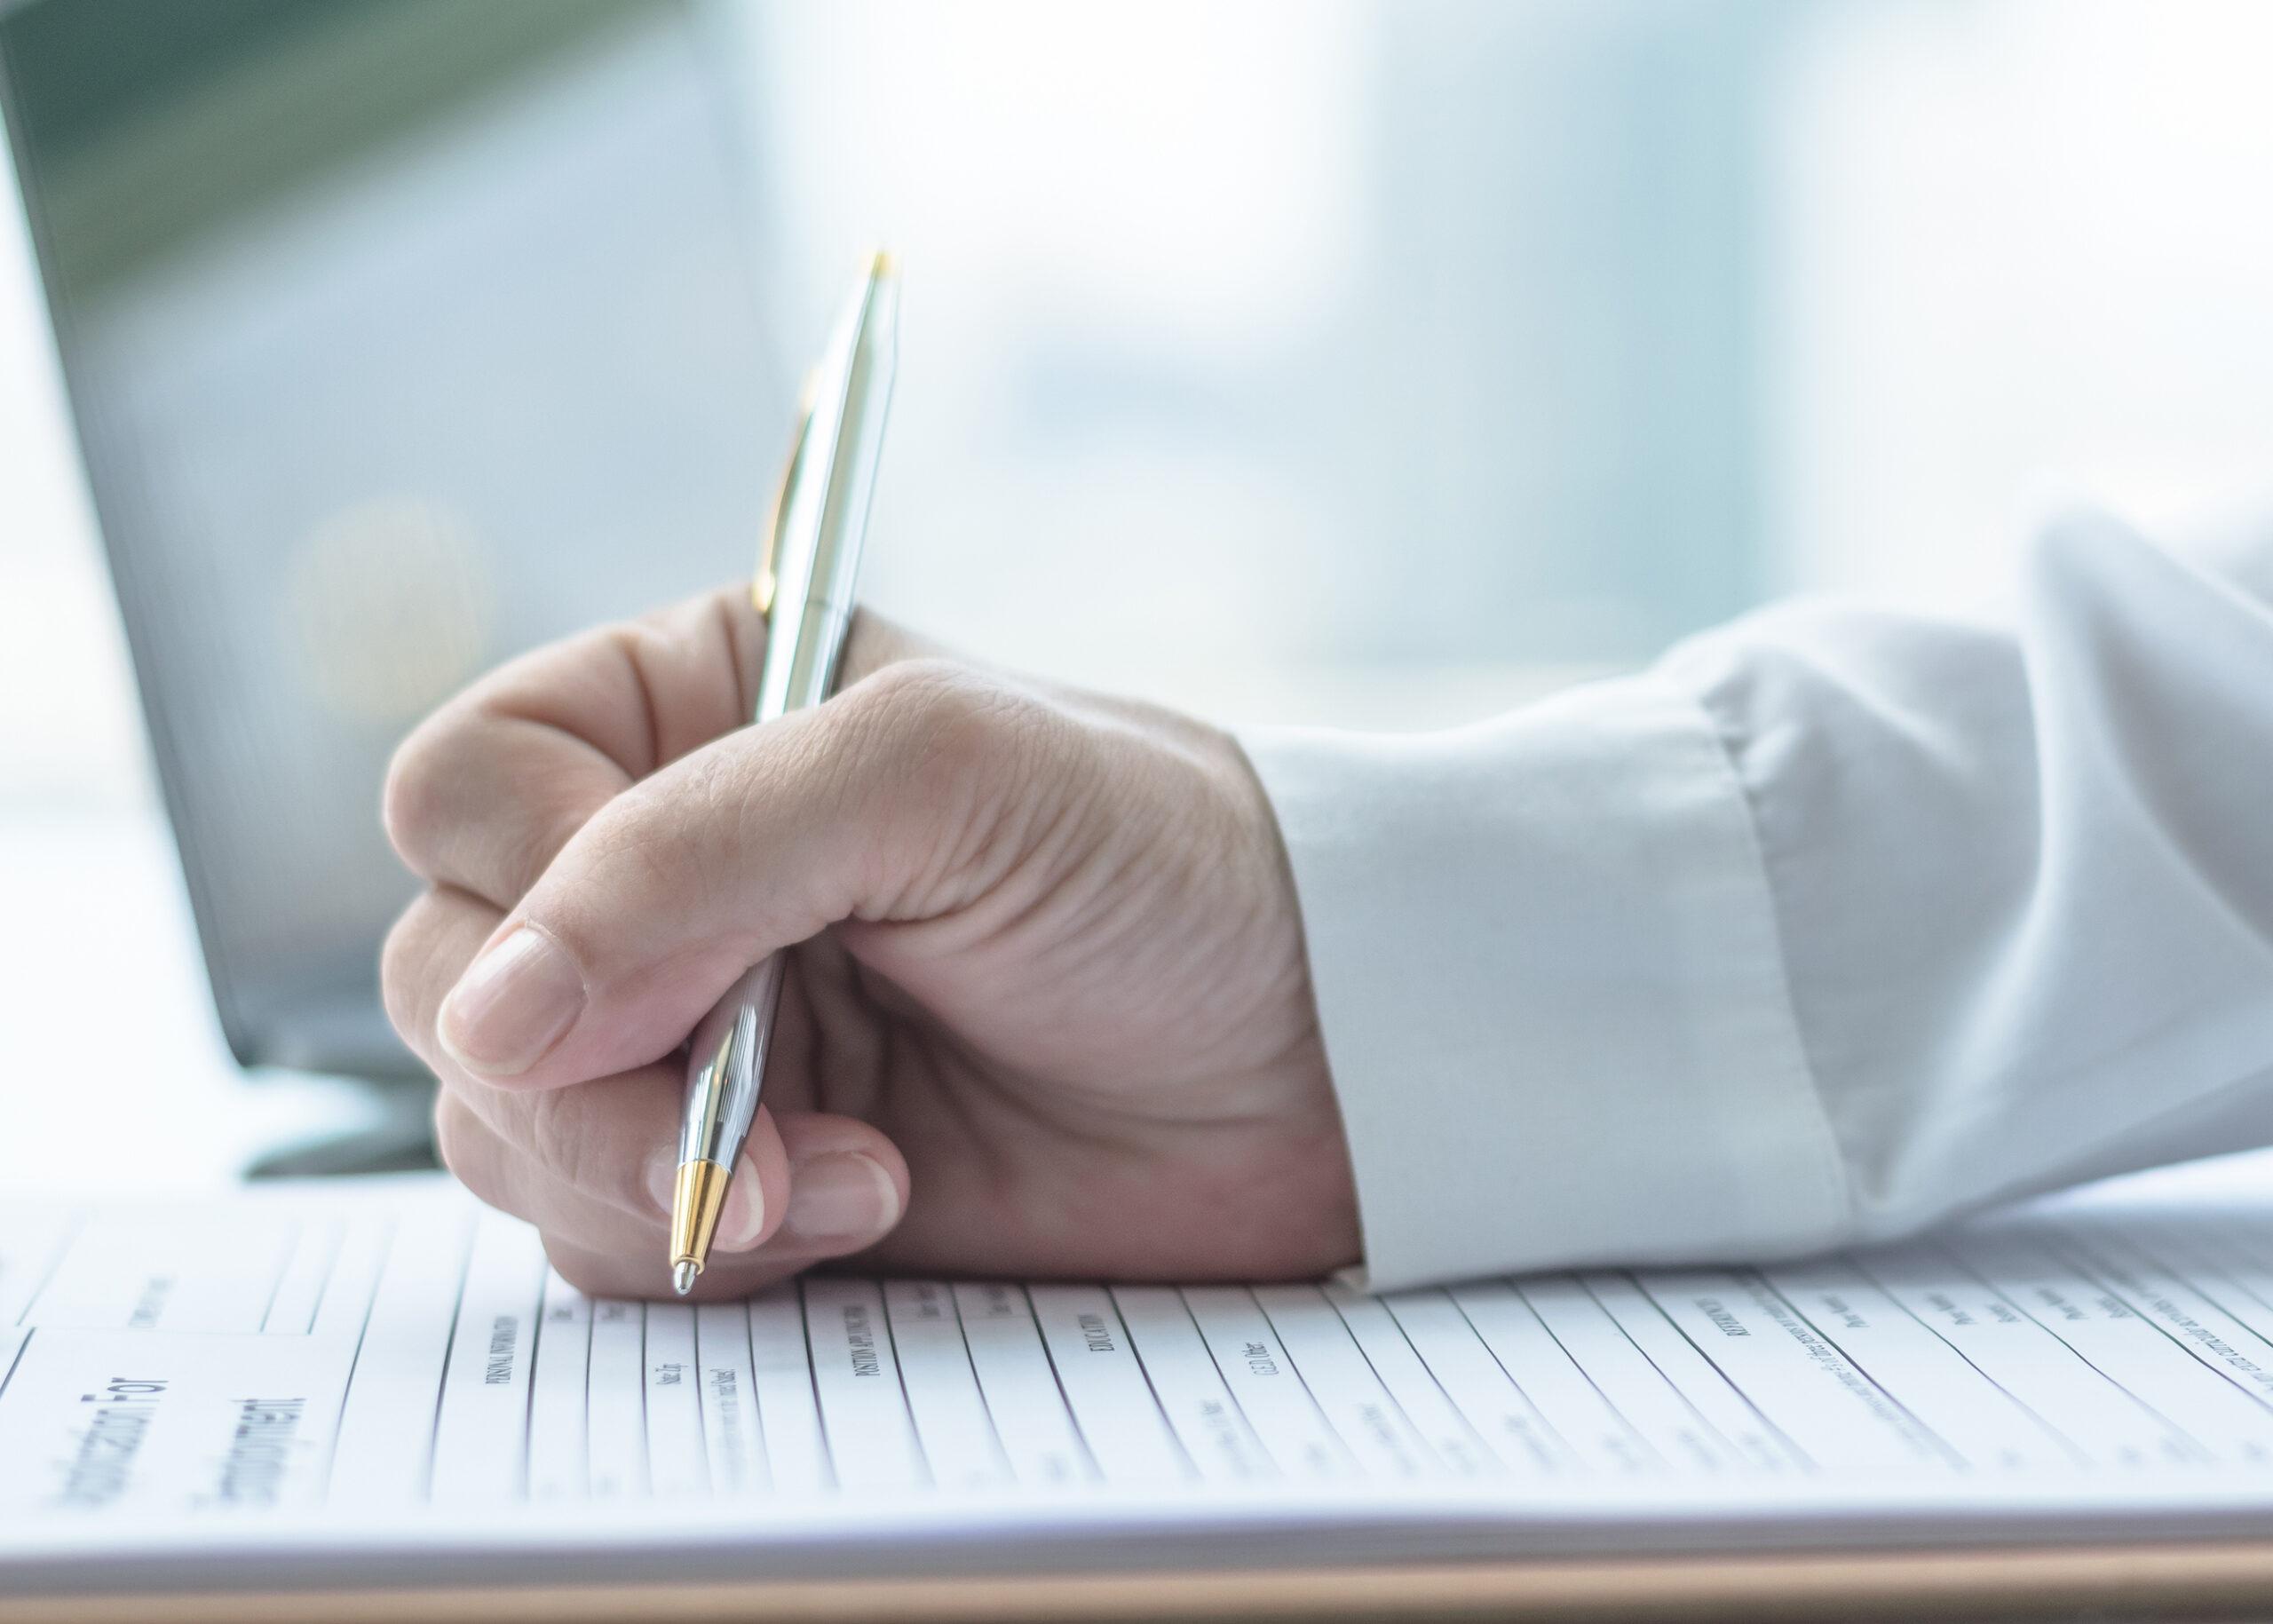 Eine Hand mit einem Stift, die ein Formular ausfüllt